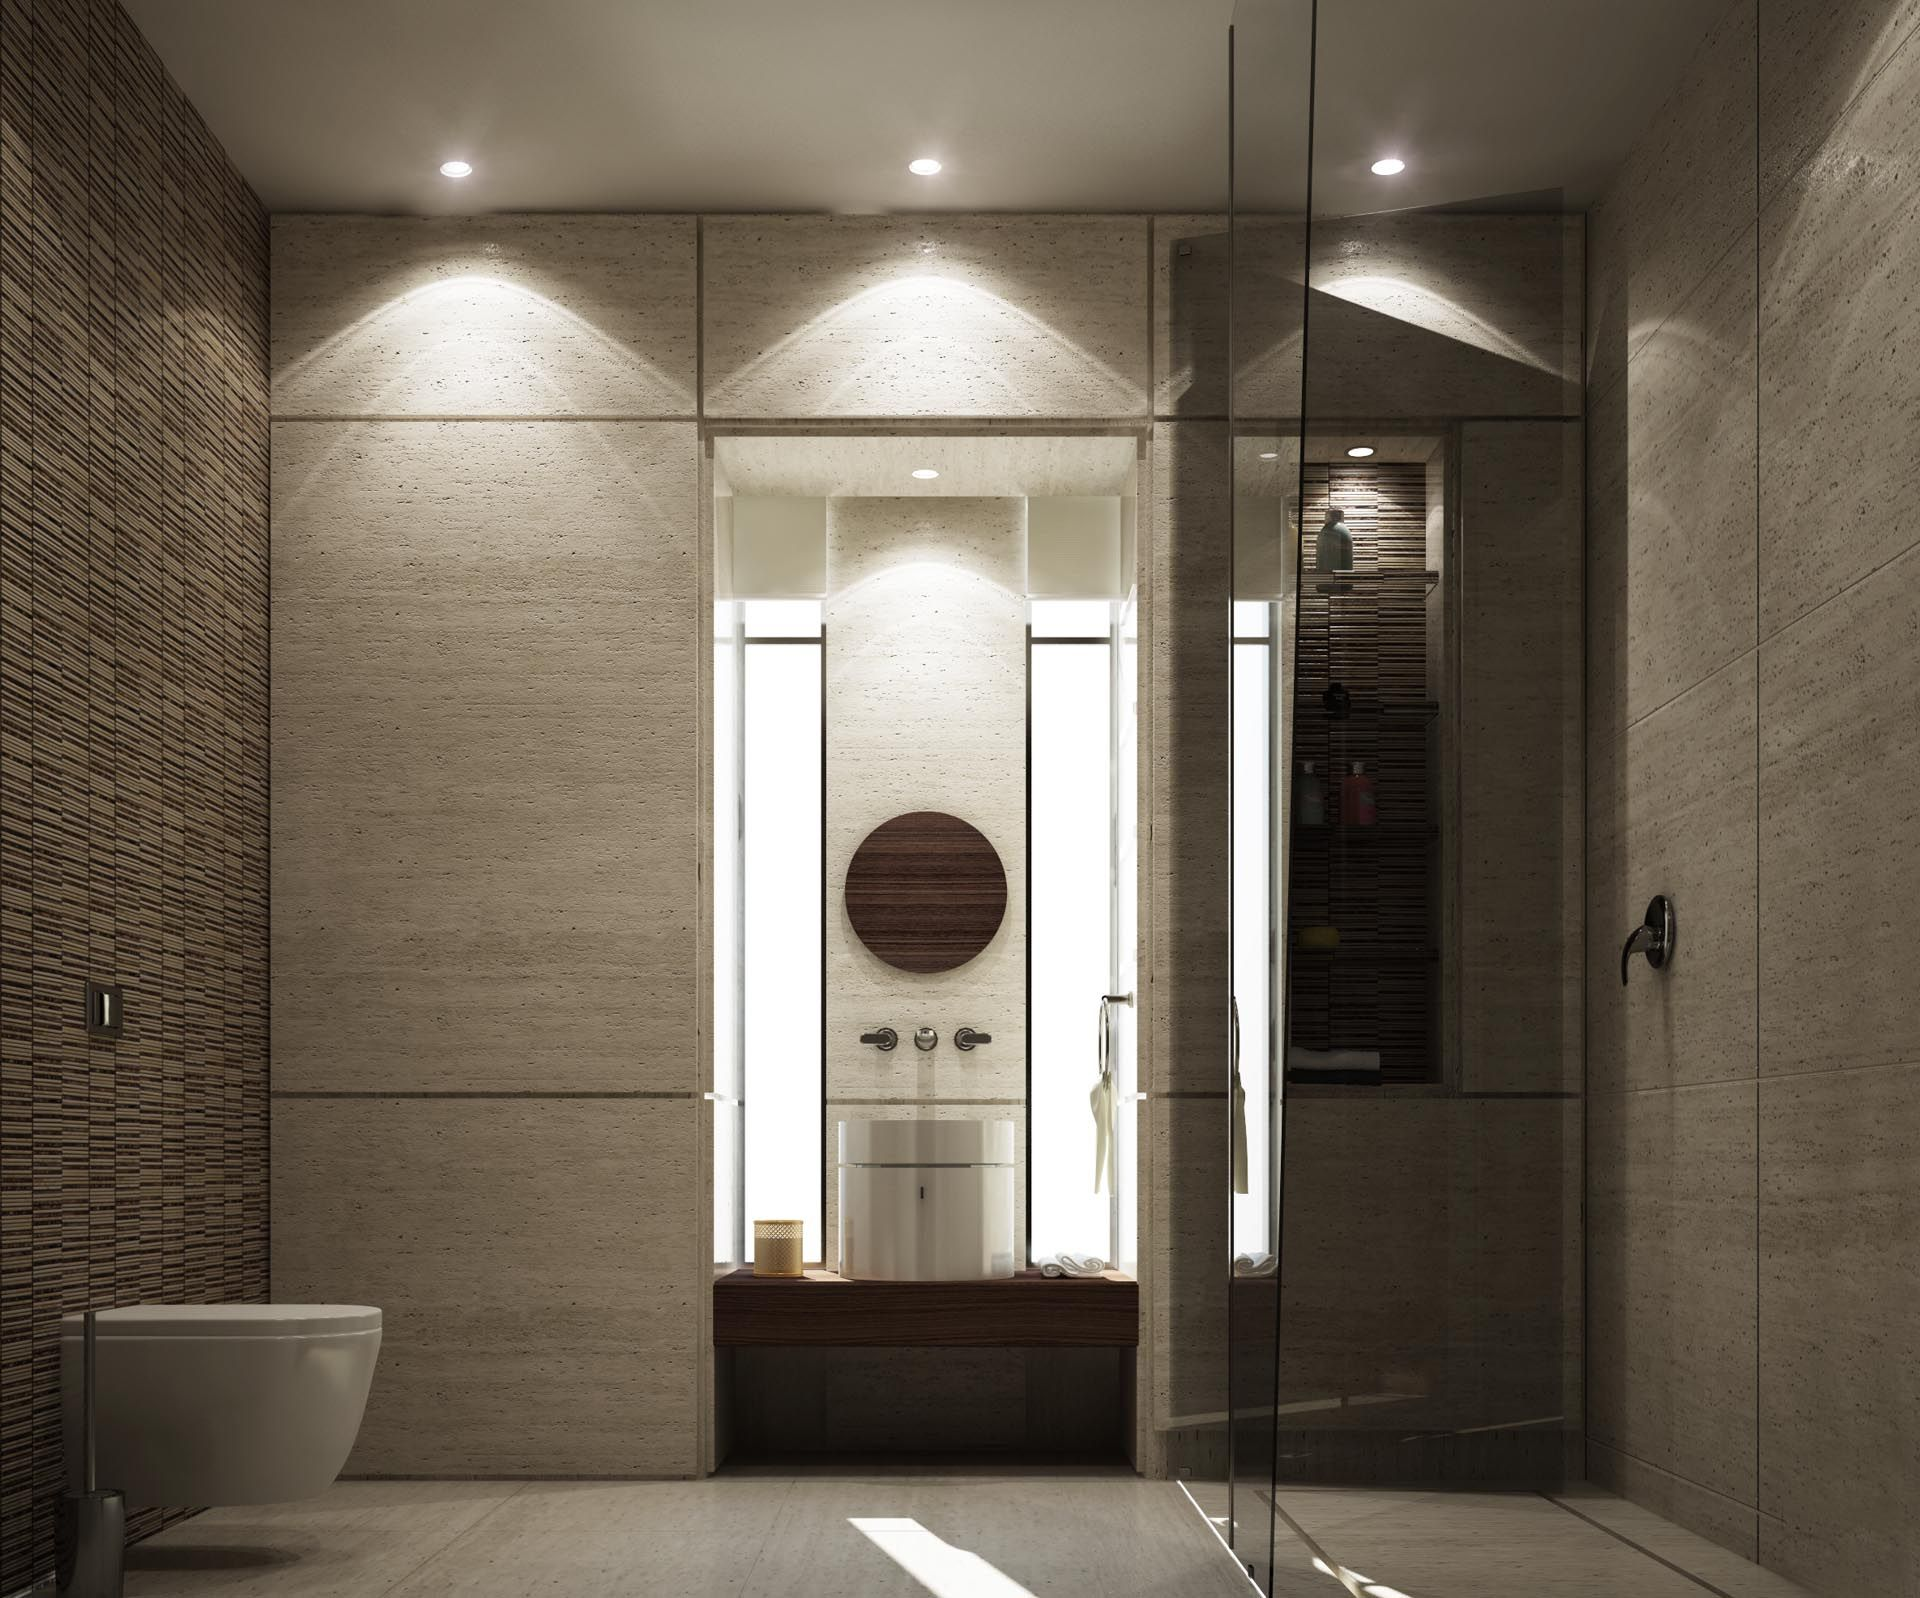 Badezimmer dekor hinter wc mimar interiors  bathroom  pinterest  zeitgenössische badezimmer